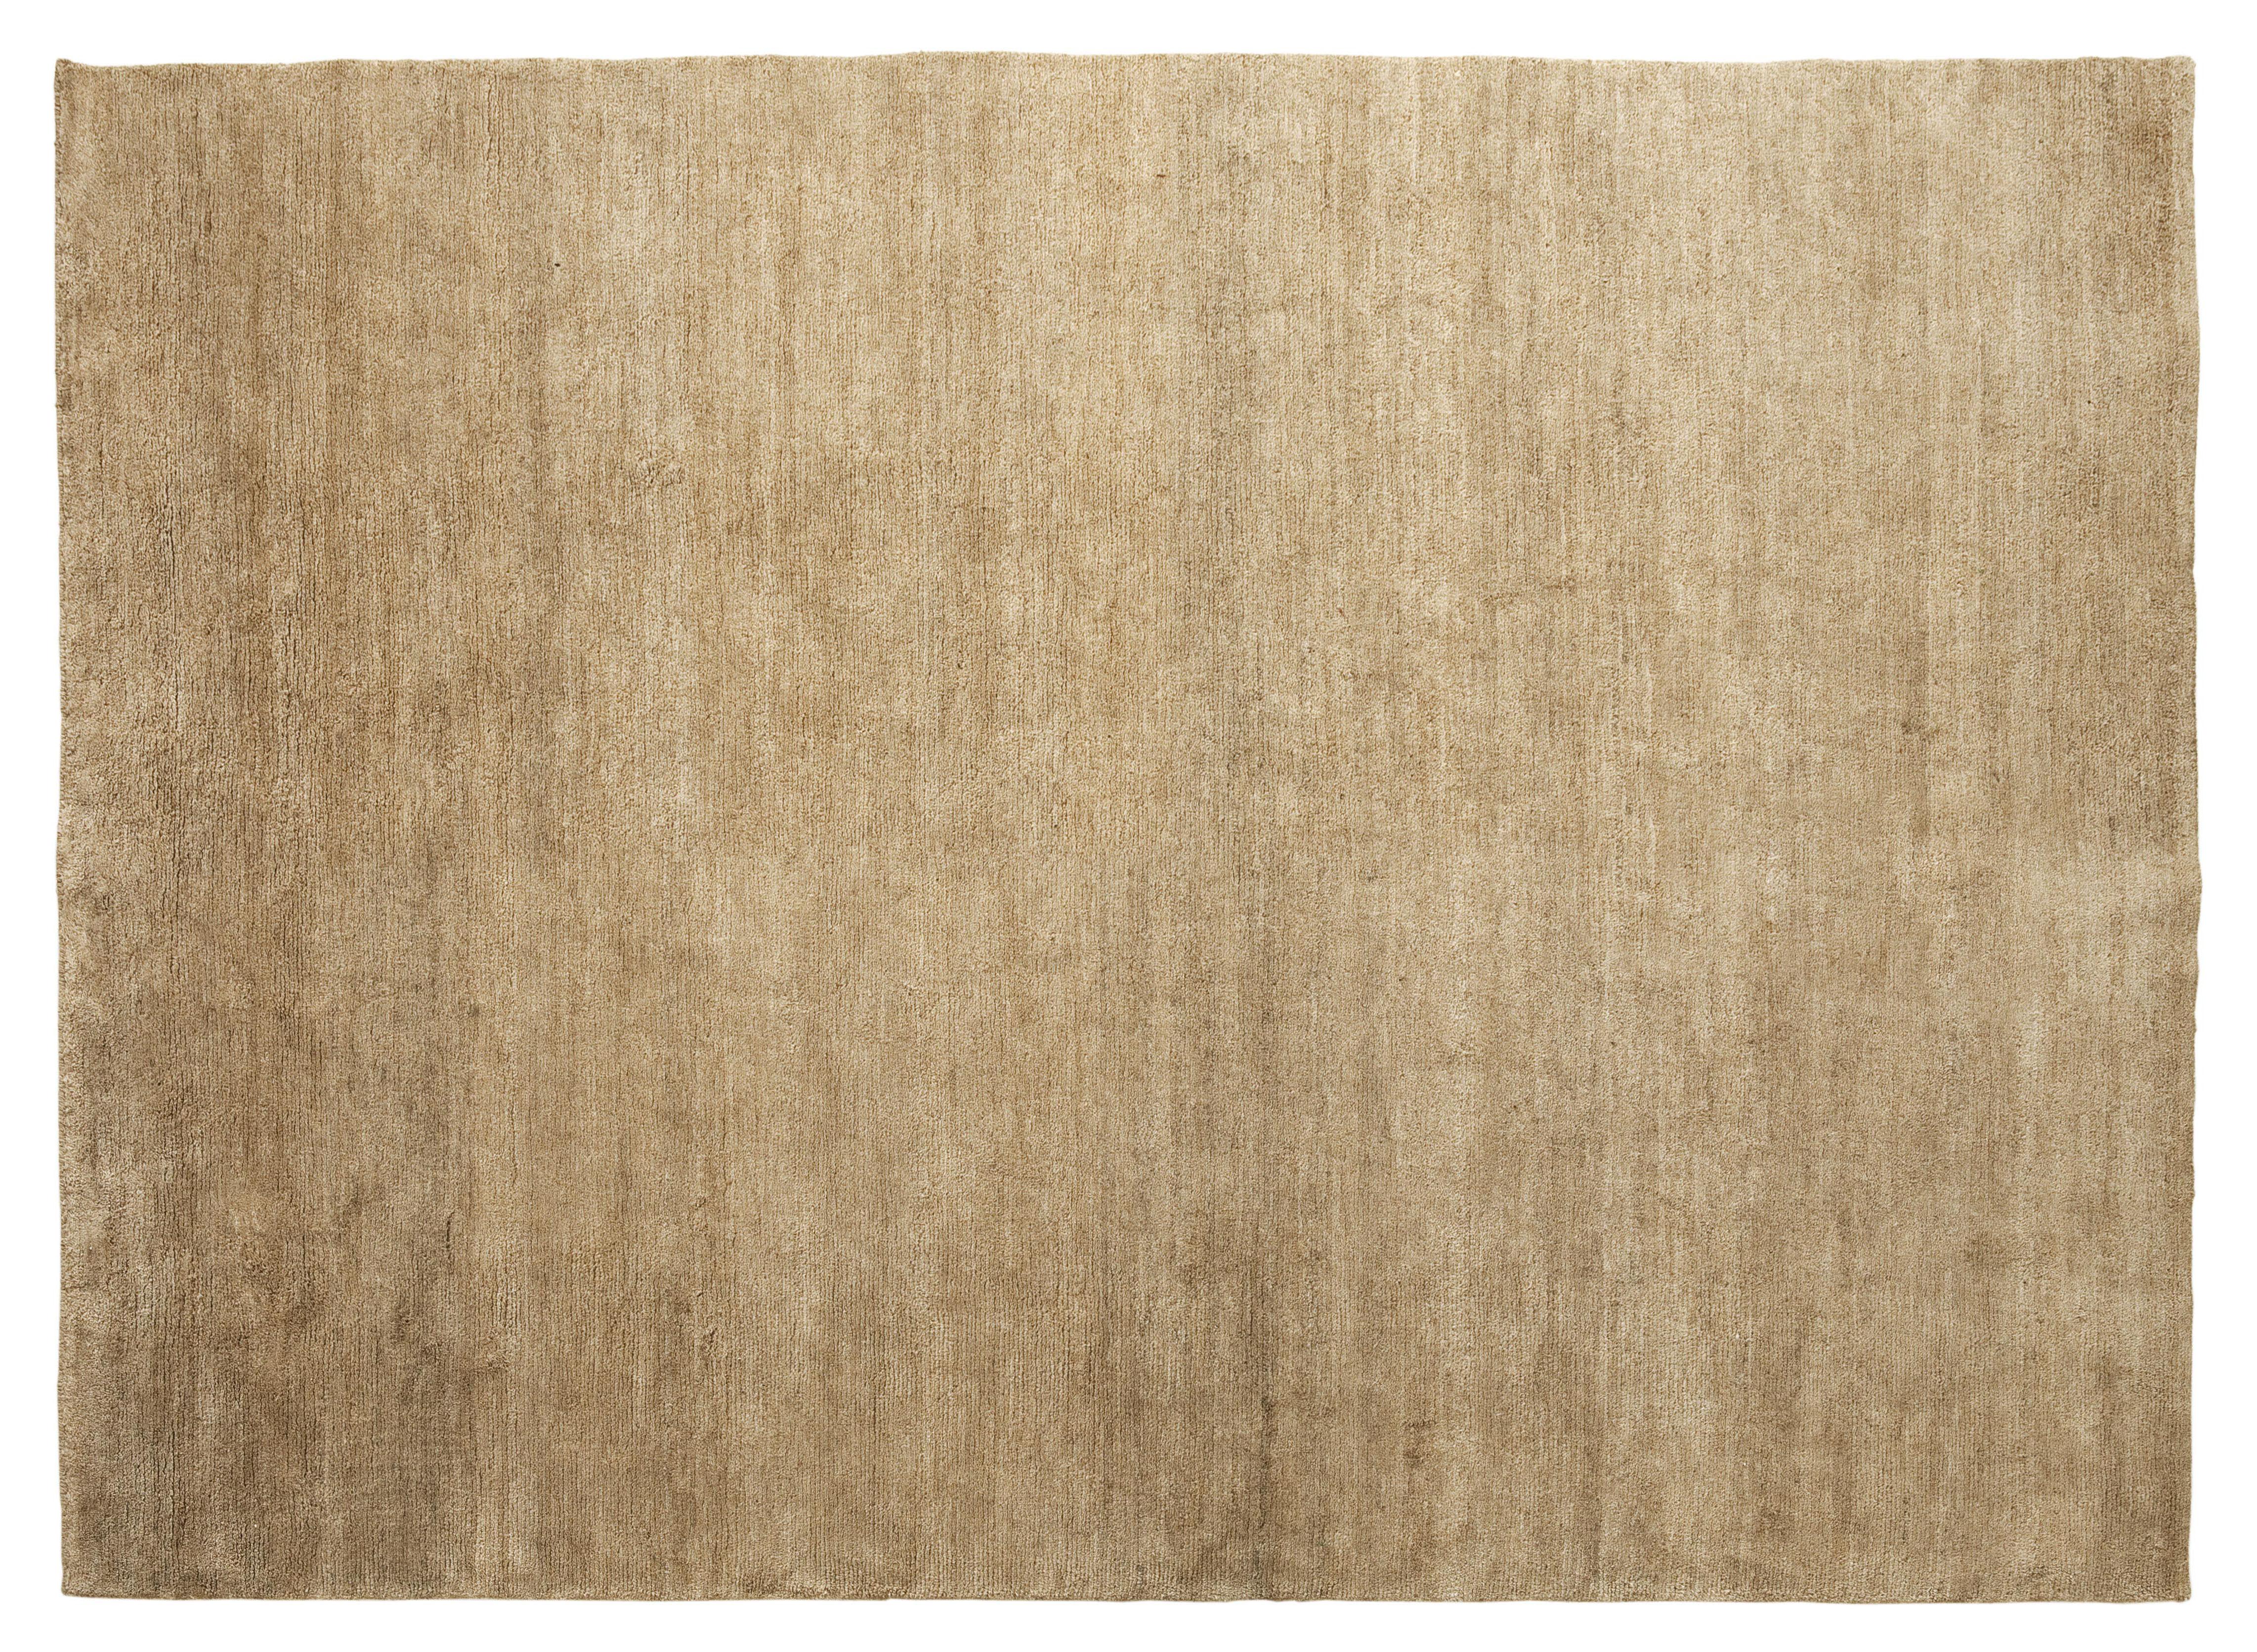 Déco - Tapis - Tapis Natural Nettle en fibres d'ortie - 170 x 240 cm - Nanimarquina - Naturel - Ortie